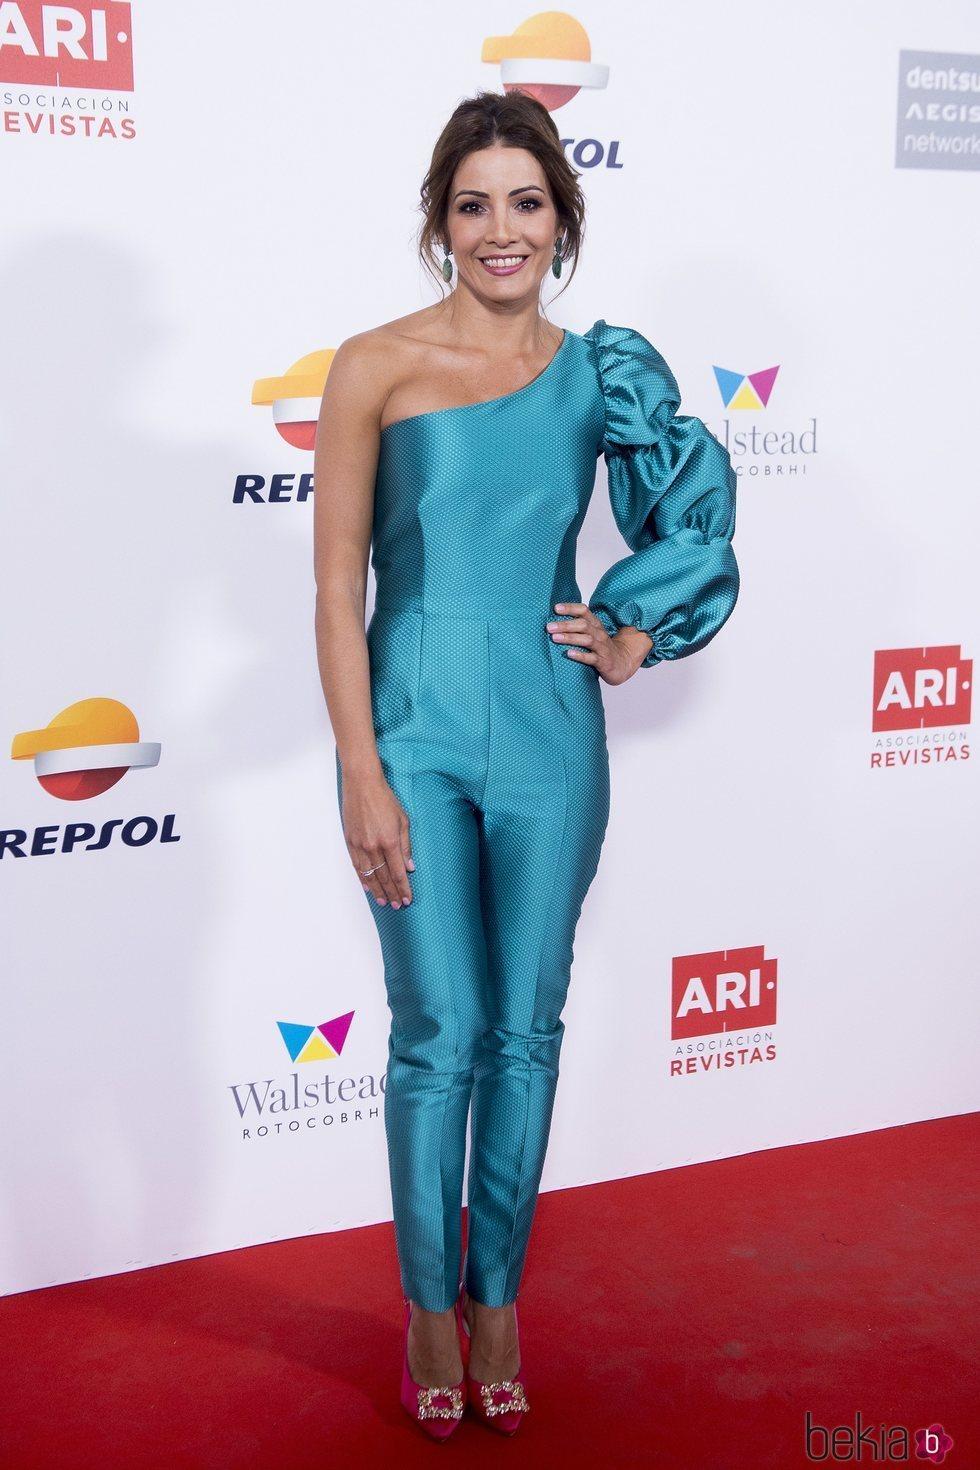 Virginia Troconis con un jumpsuit azul eléctrico en los premios ARI 2018